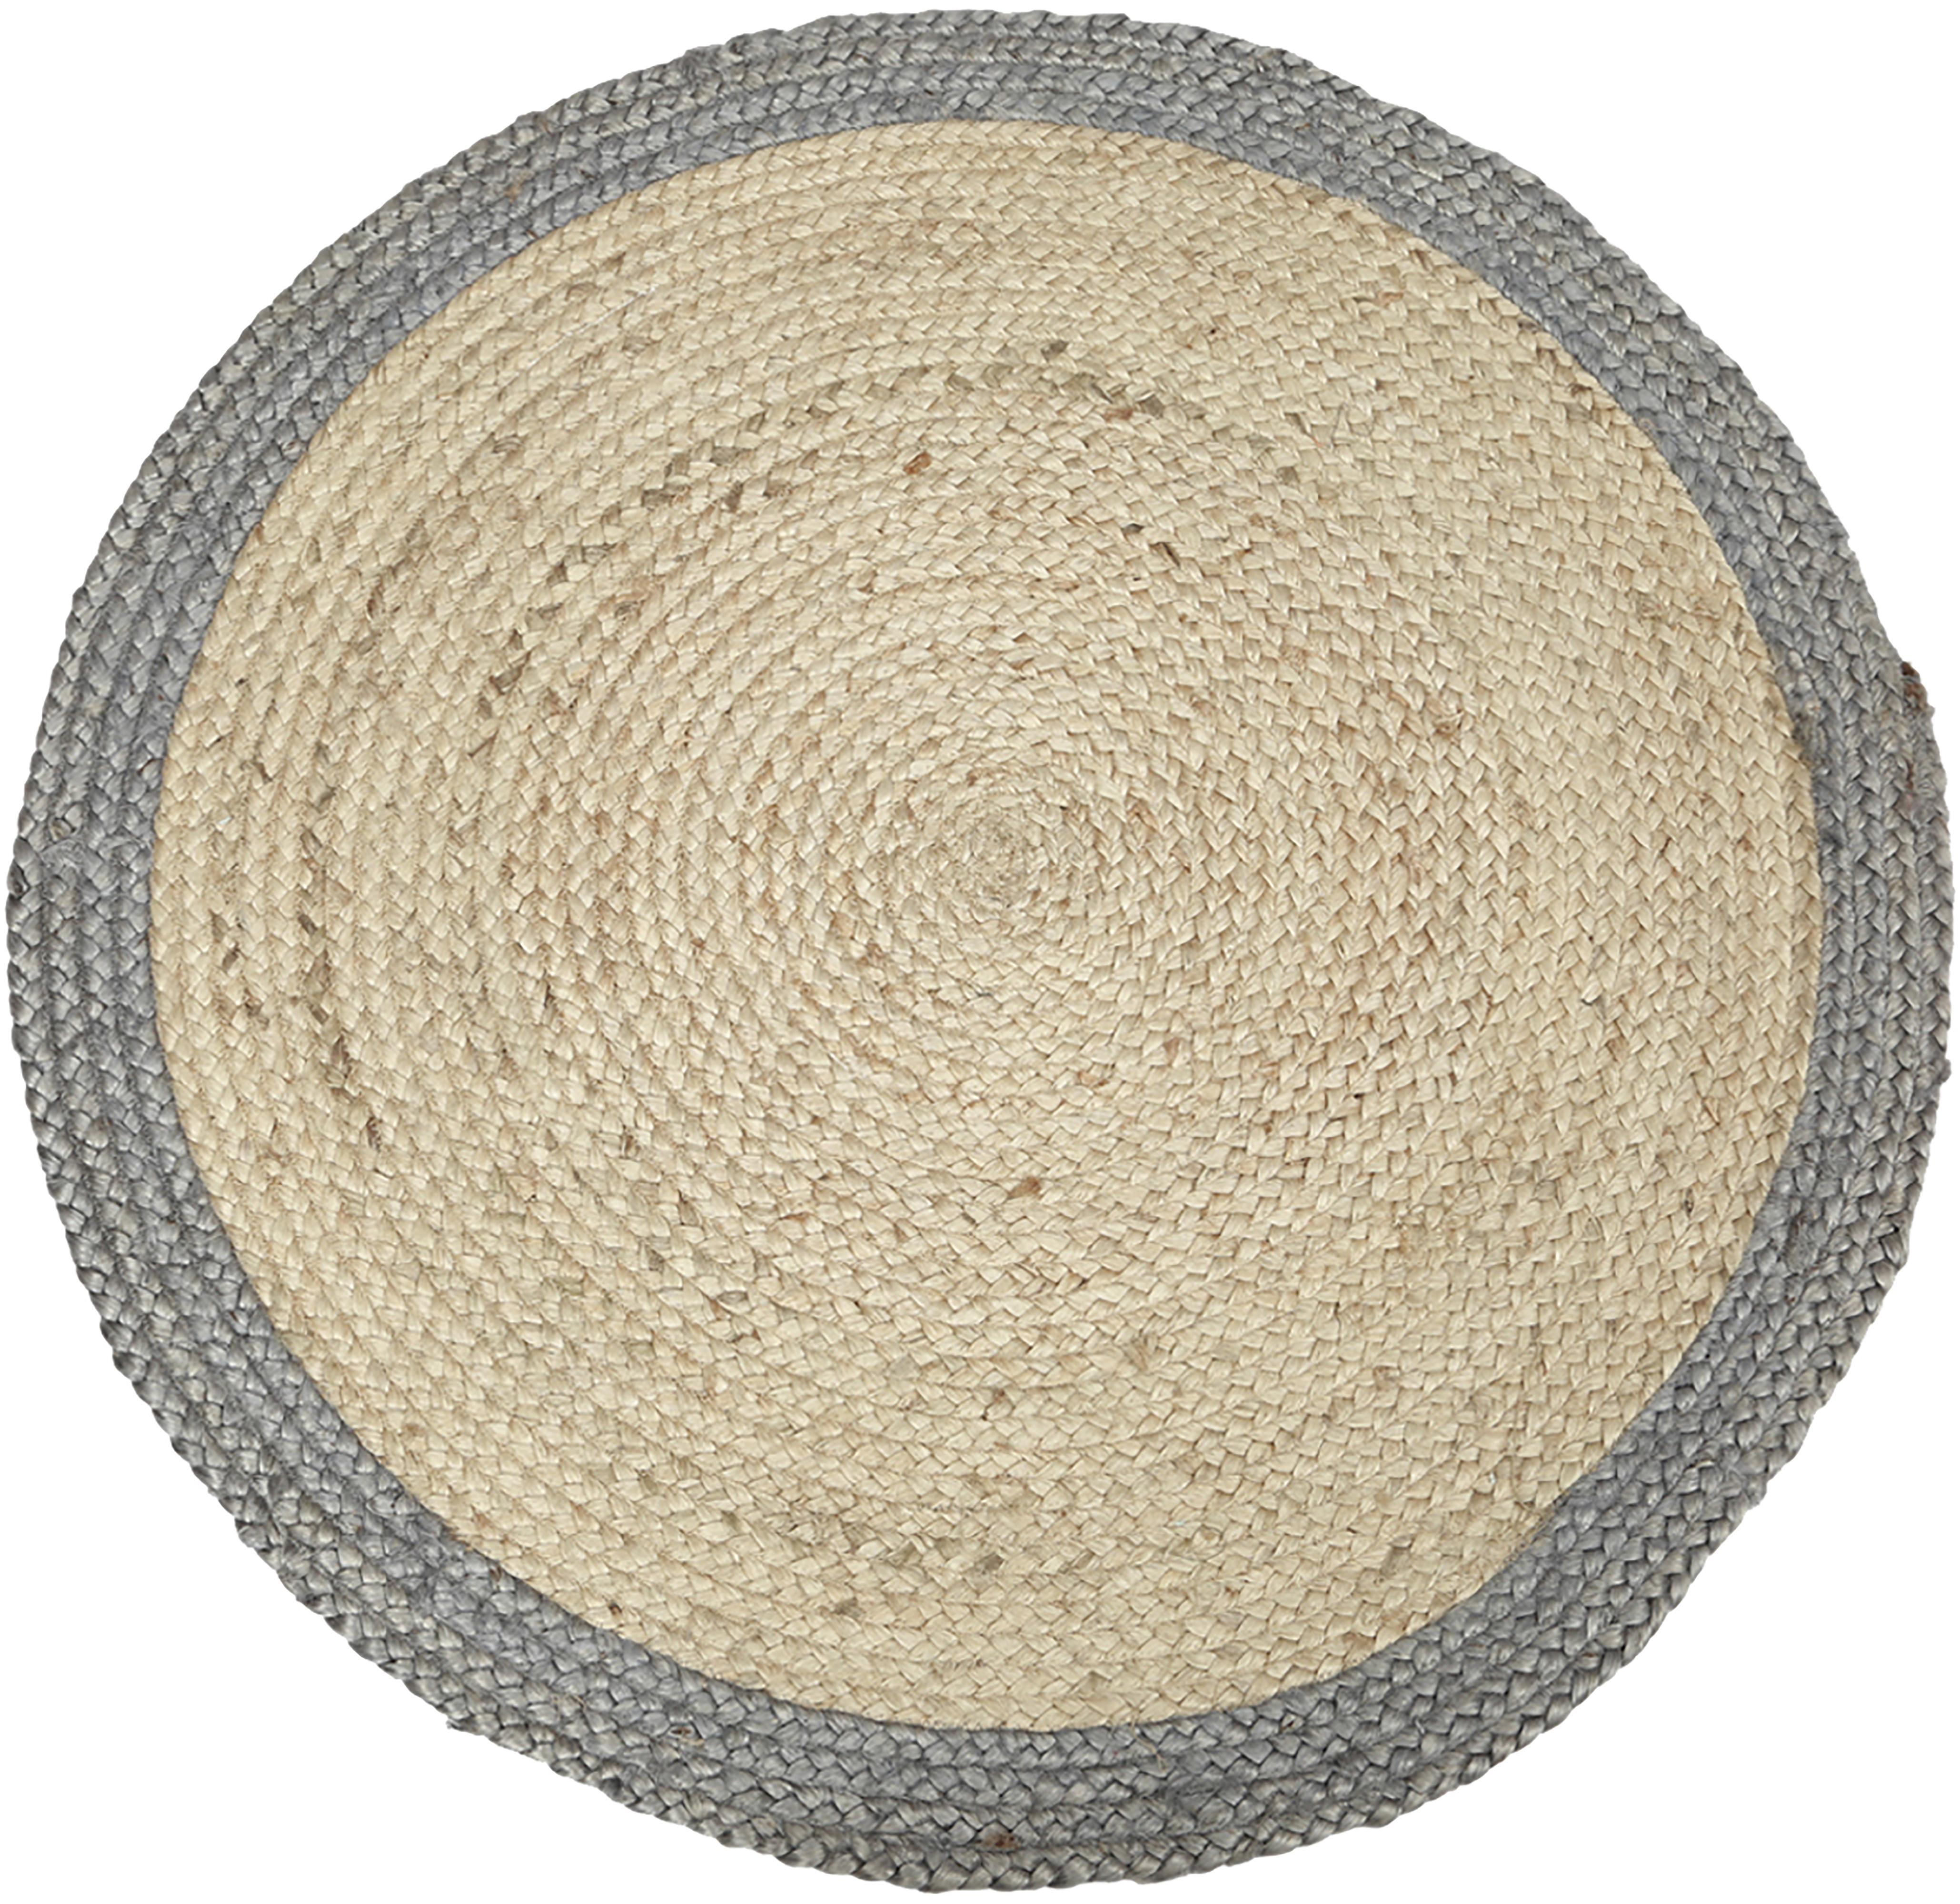 Tappeto rotondo in juta fatto a mano Shanta, Retro: juta, Beige, grigio, Ø 100 cm (taglia XS)